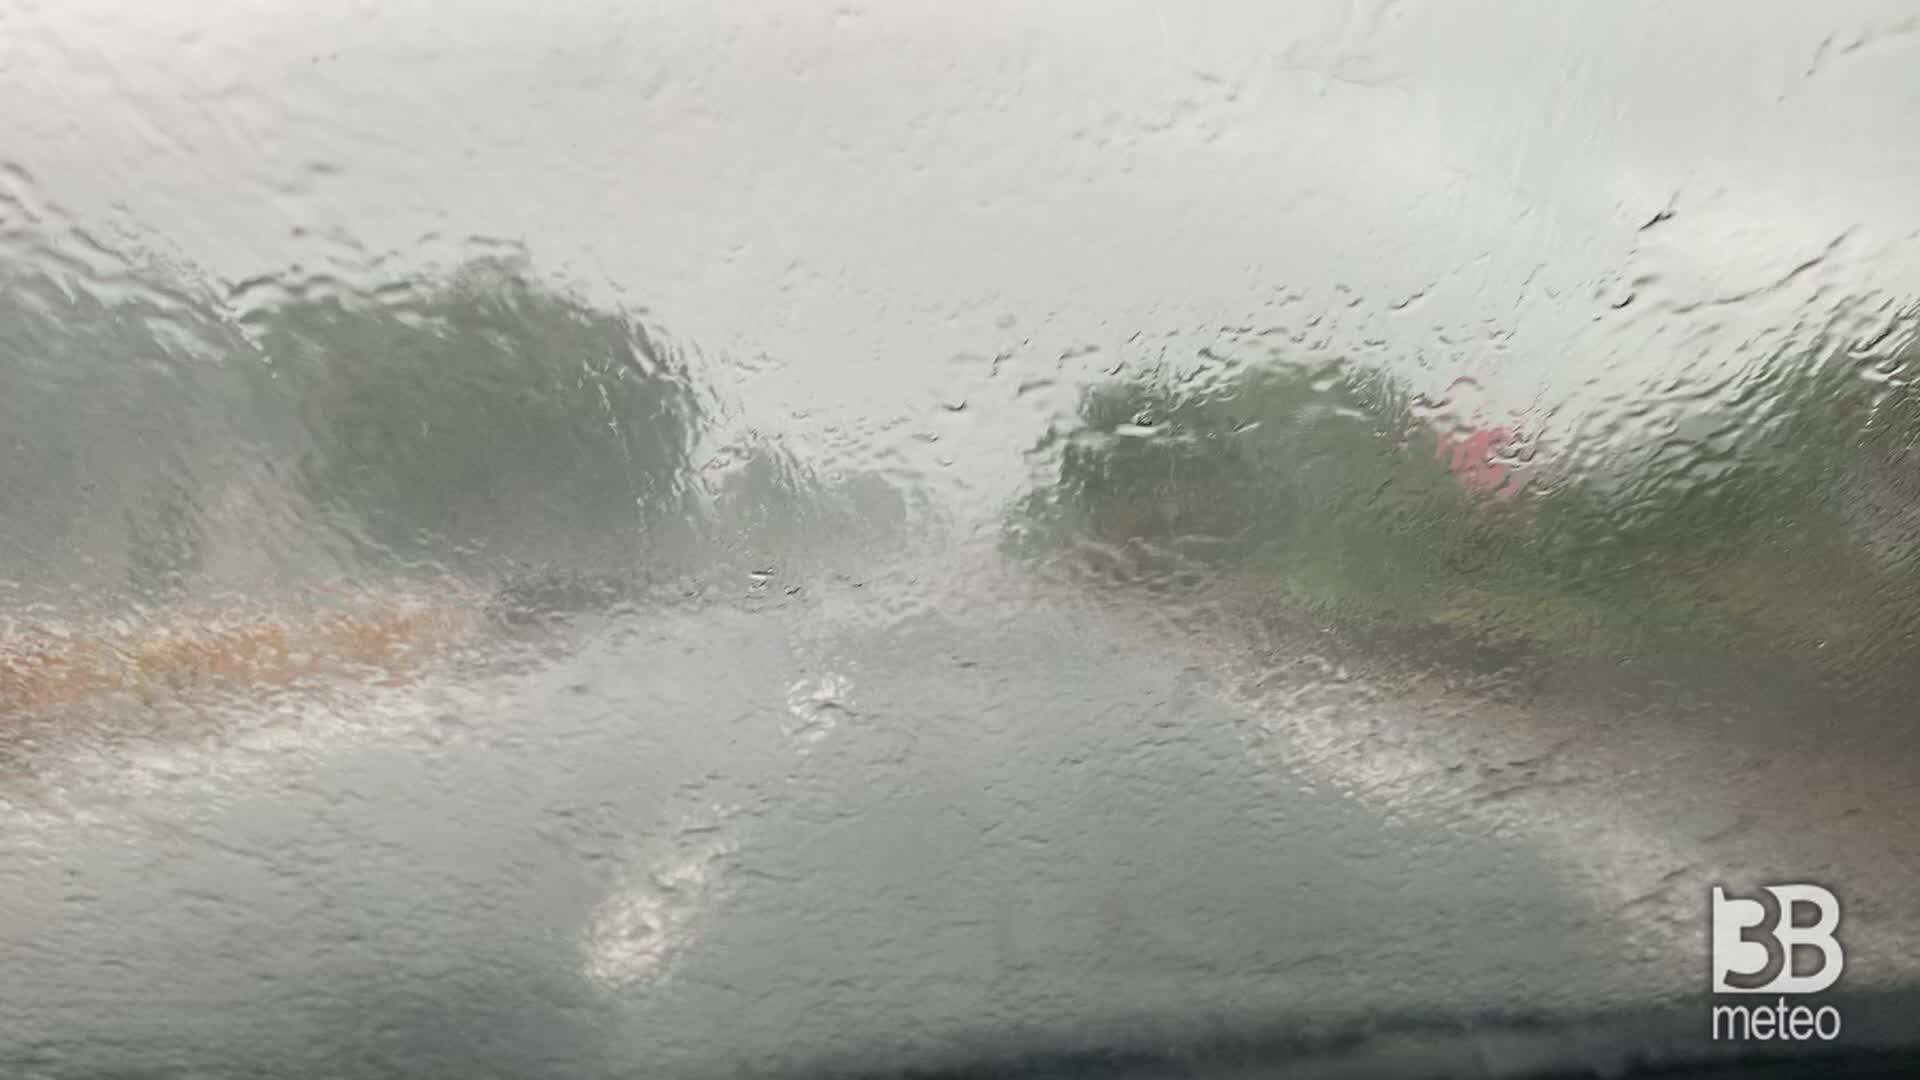 Maltempo, nuovi forti temporali: piove ancora nel varesotto